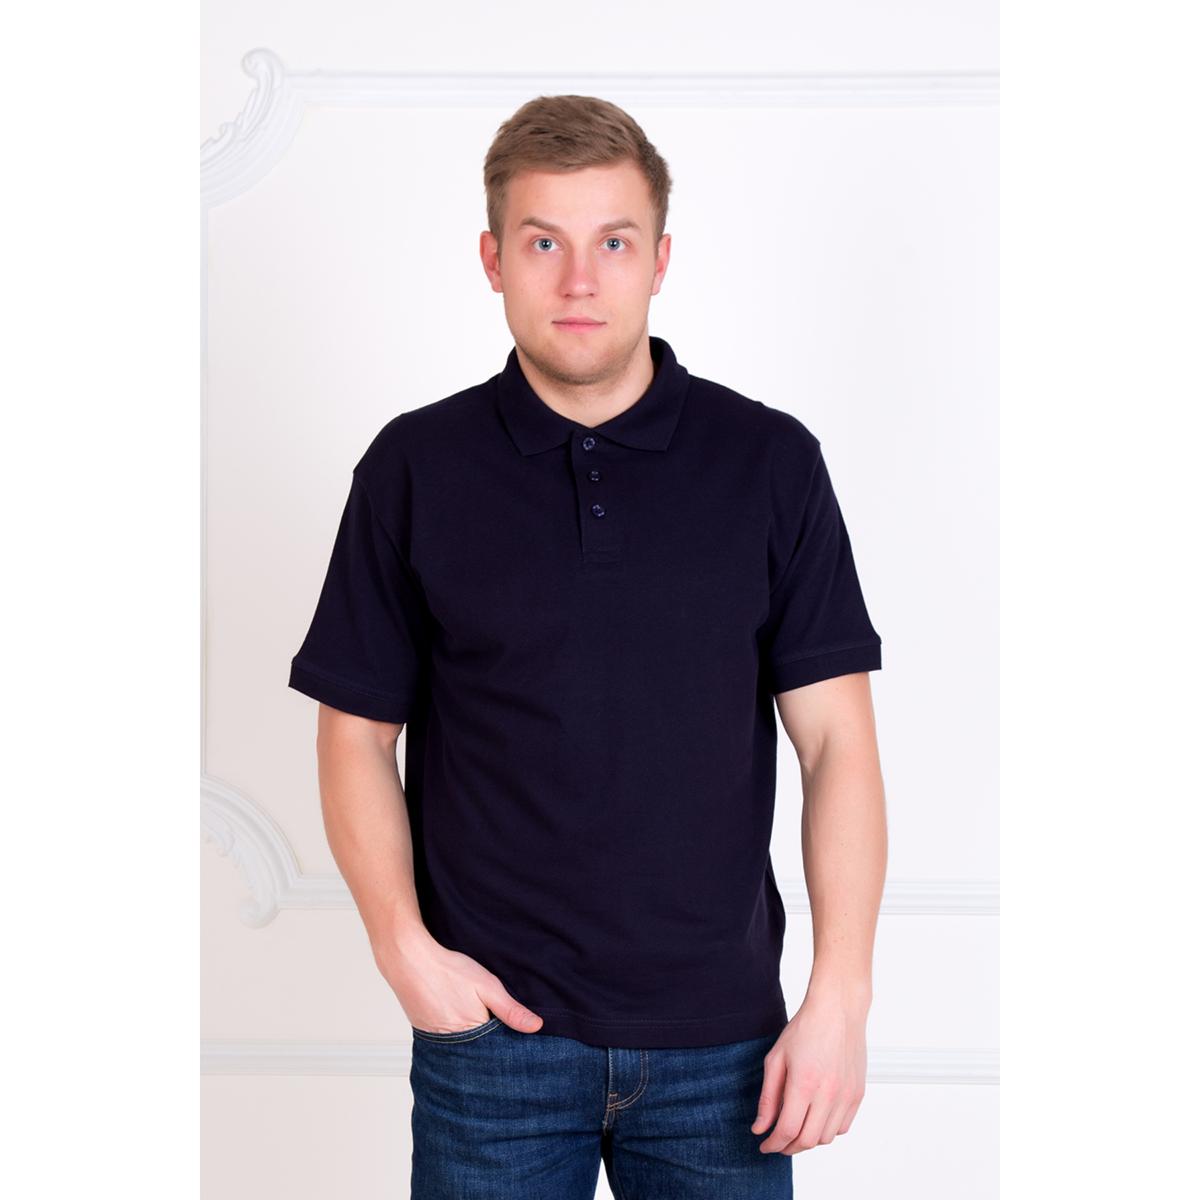 df1002f27e2 Мужская одежда ♥ купить недорого в интернет-магазине в ...